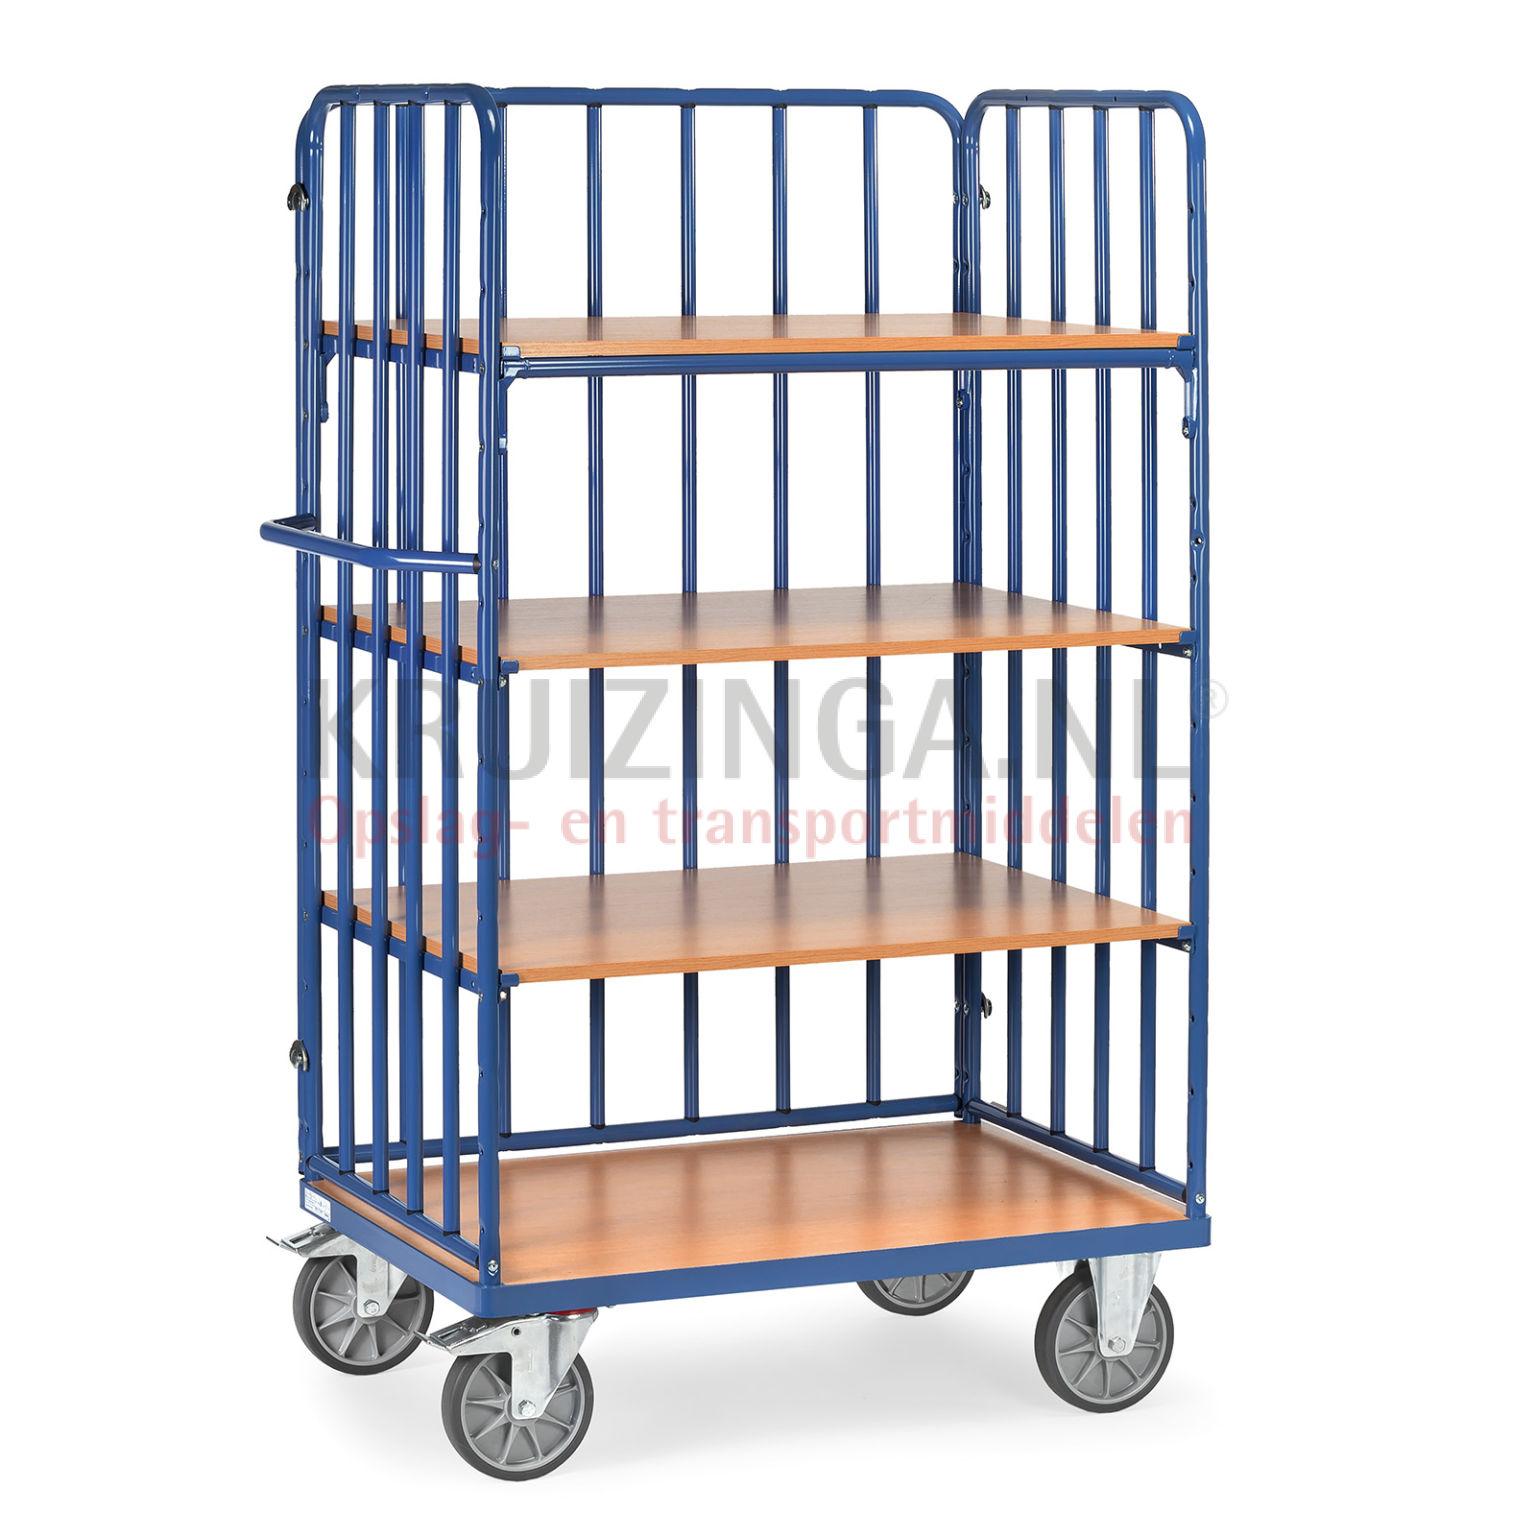 chariots plateaux chariot de manutention chariot plateaux 2 parois et 1 paroi arri re 515. Black Bedroom Furniture Sets. Home Design Ideas